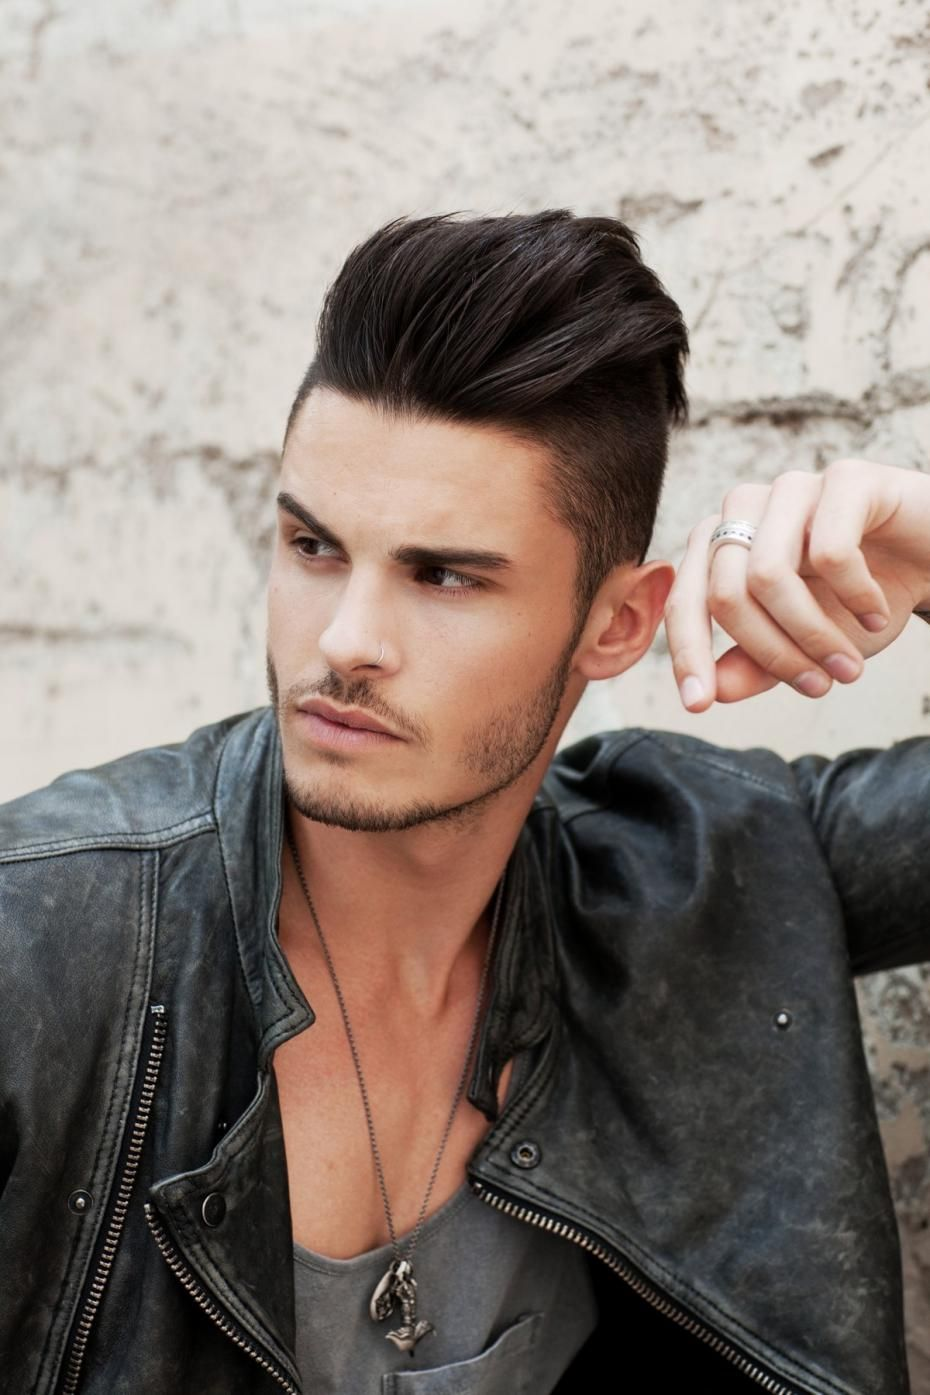 Baptiste Giabiconi Cheveux Homme Coupe Cheveux Homme Baptiste Giabiconi